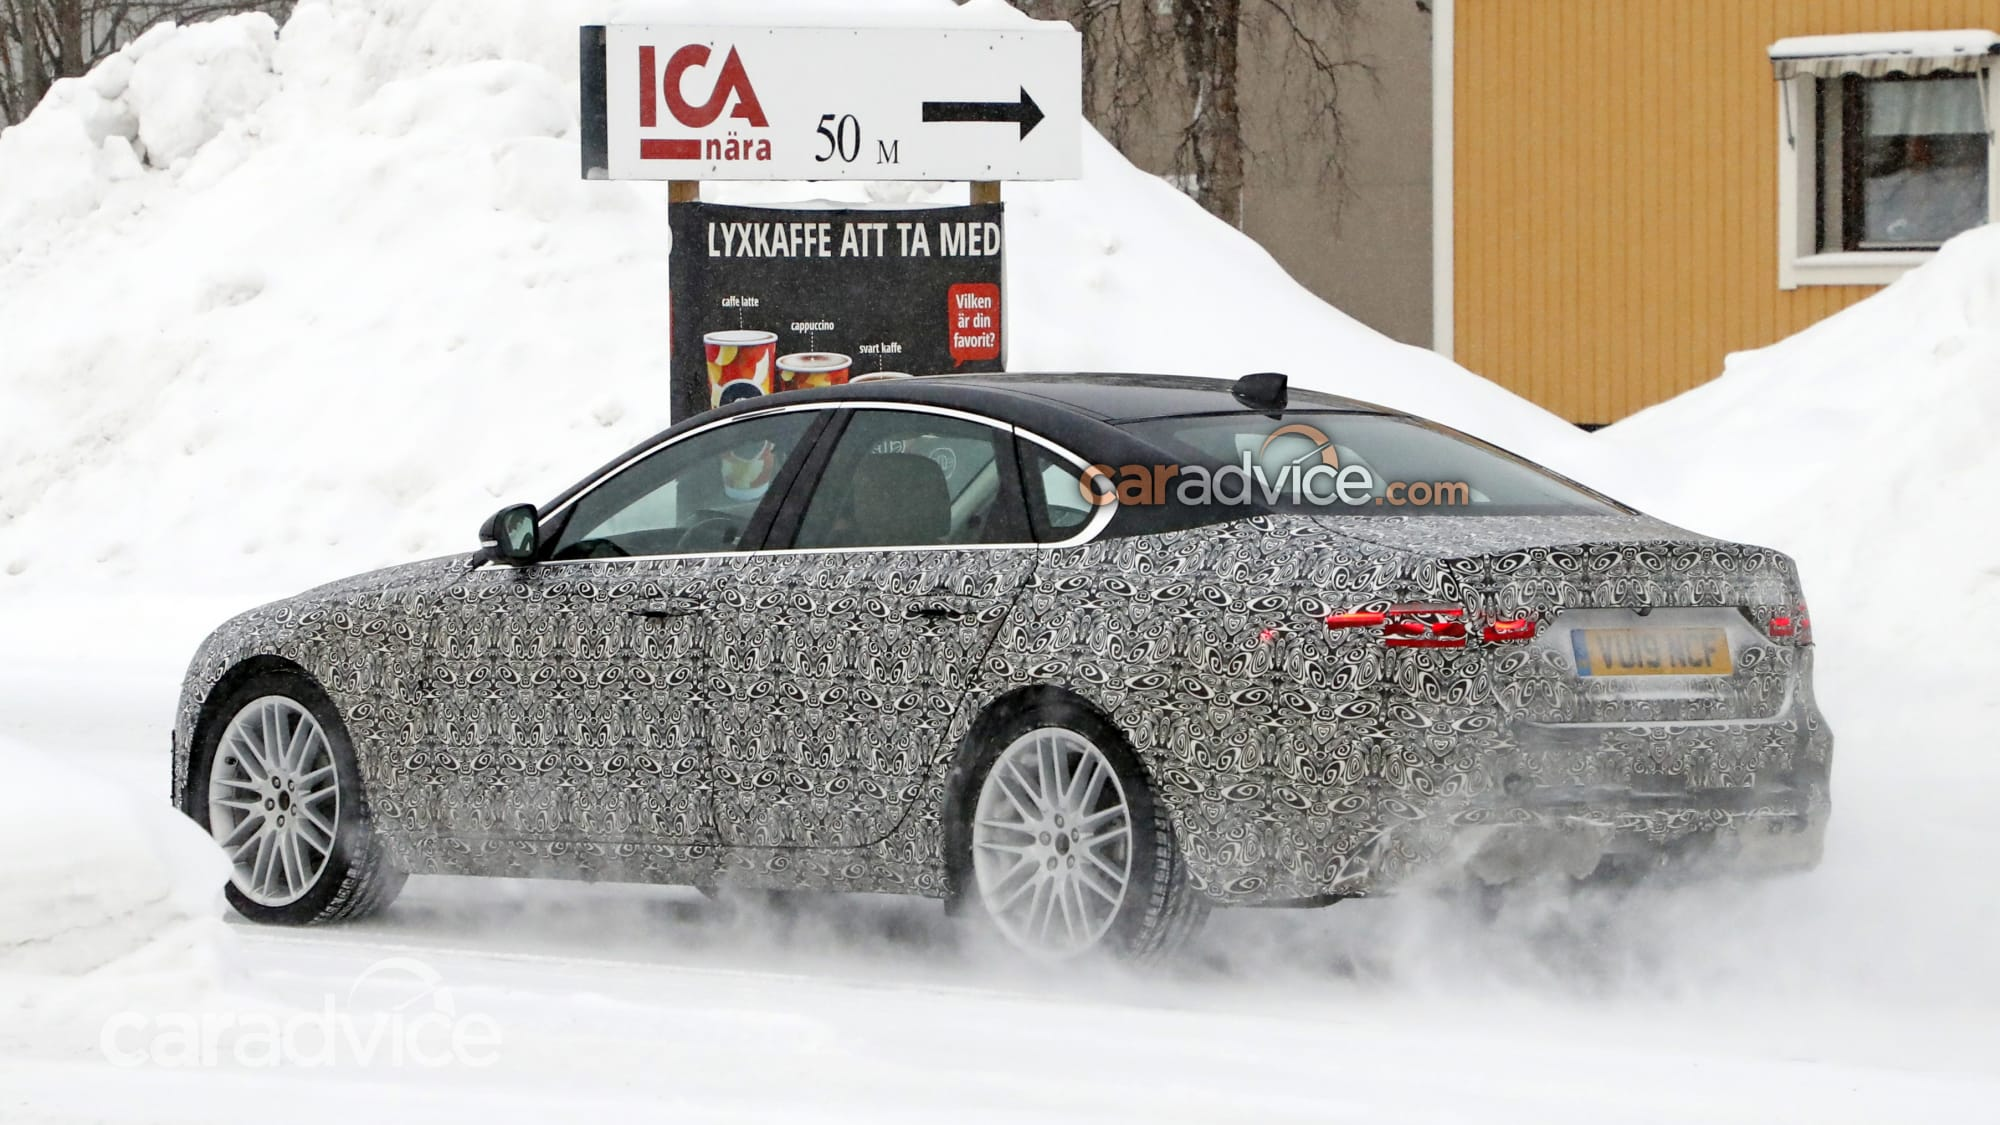 2021 jaguar xf spied  caradvice